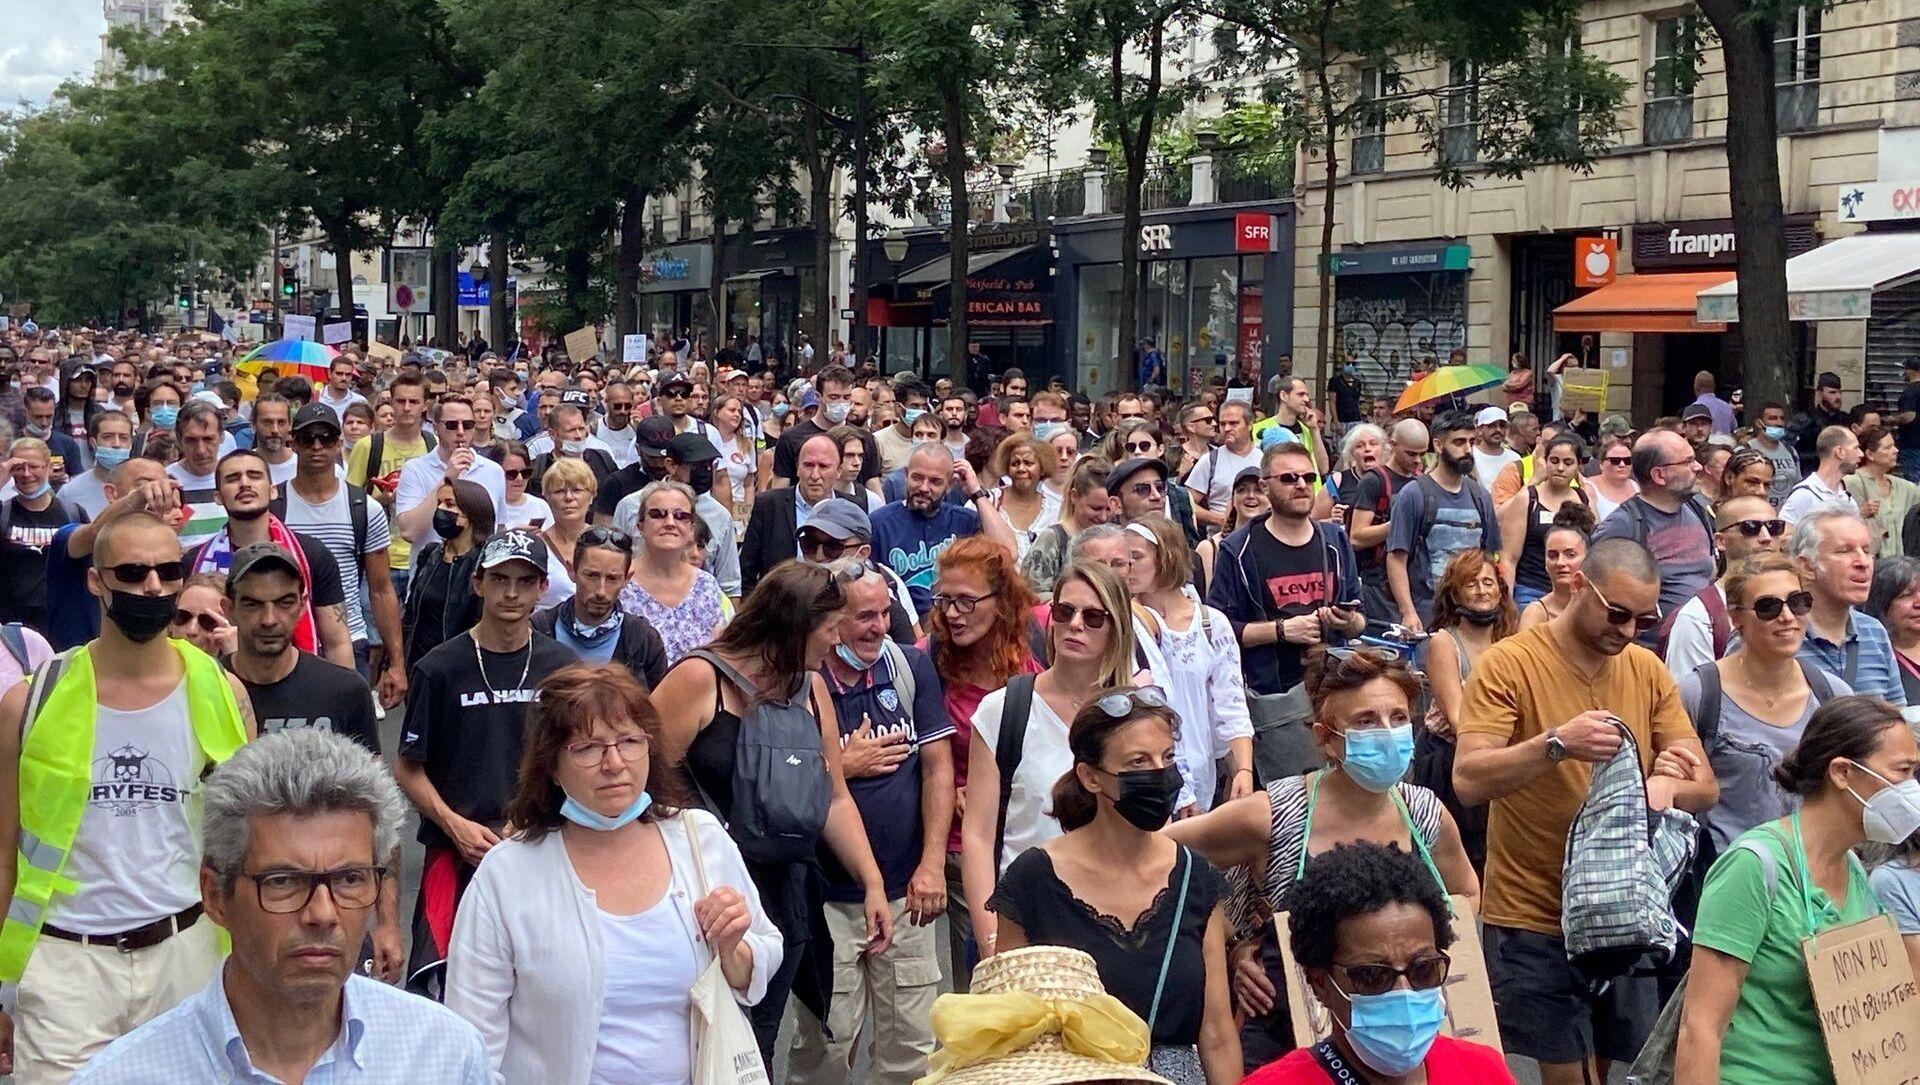 Manifestation contre le pass sanitaire à Paris, le 24 juillet 2021 - Sputnik France, 1920, 24.07.2021